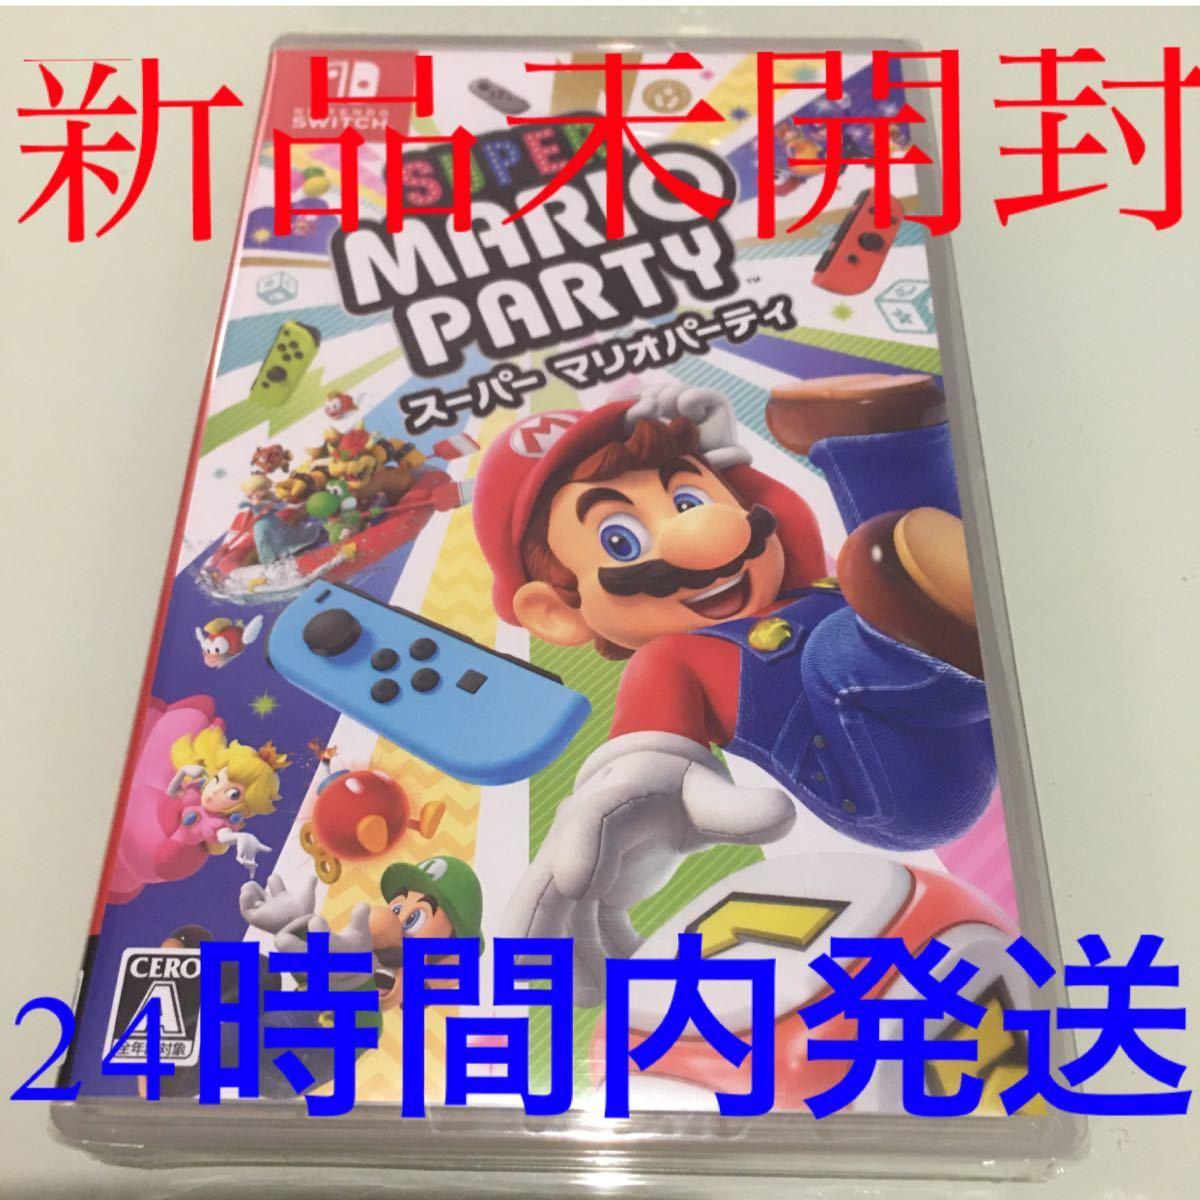 新品未開封 Nintendo Switch スーパーマリオパーティ